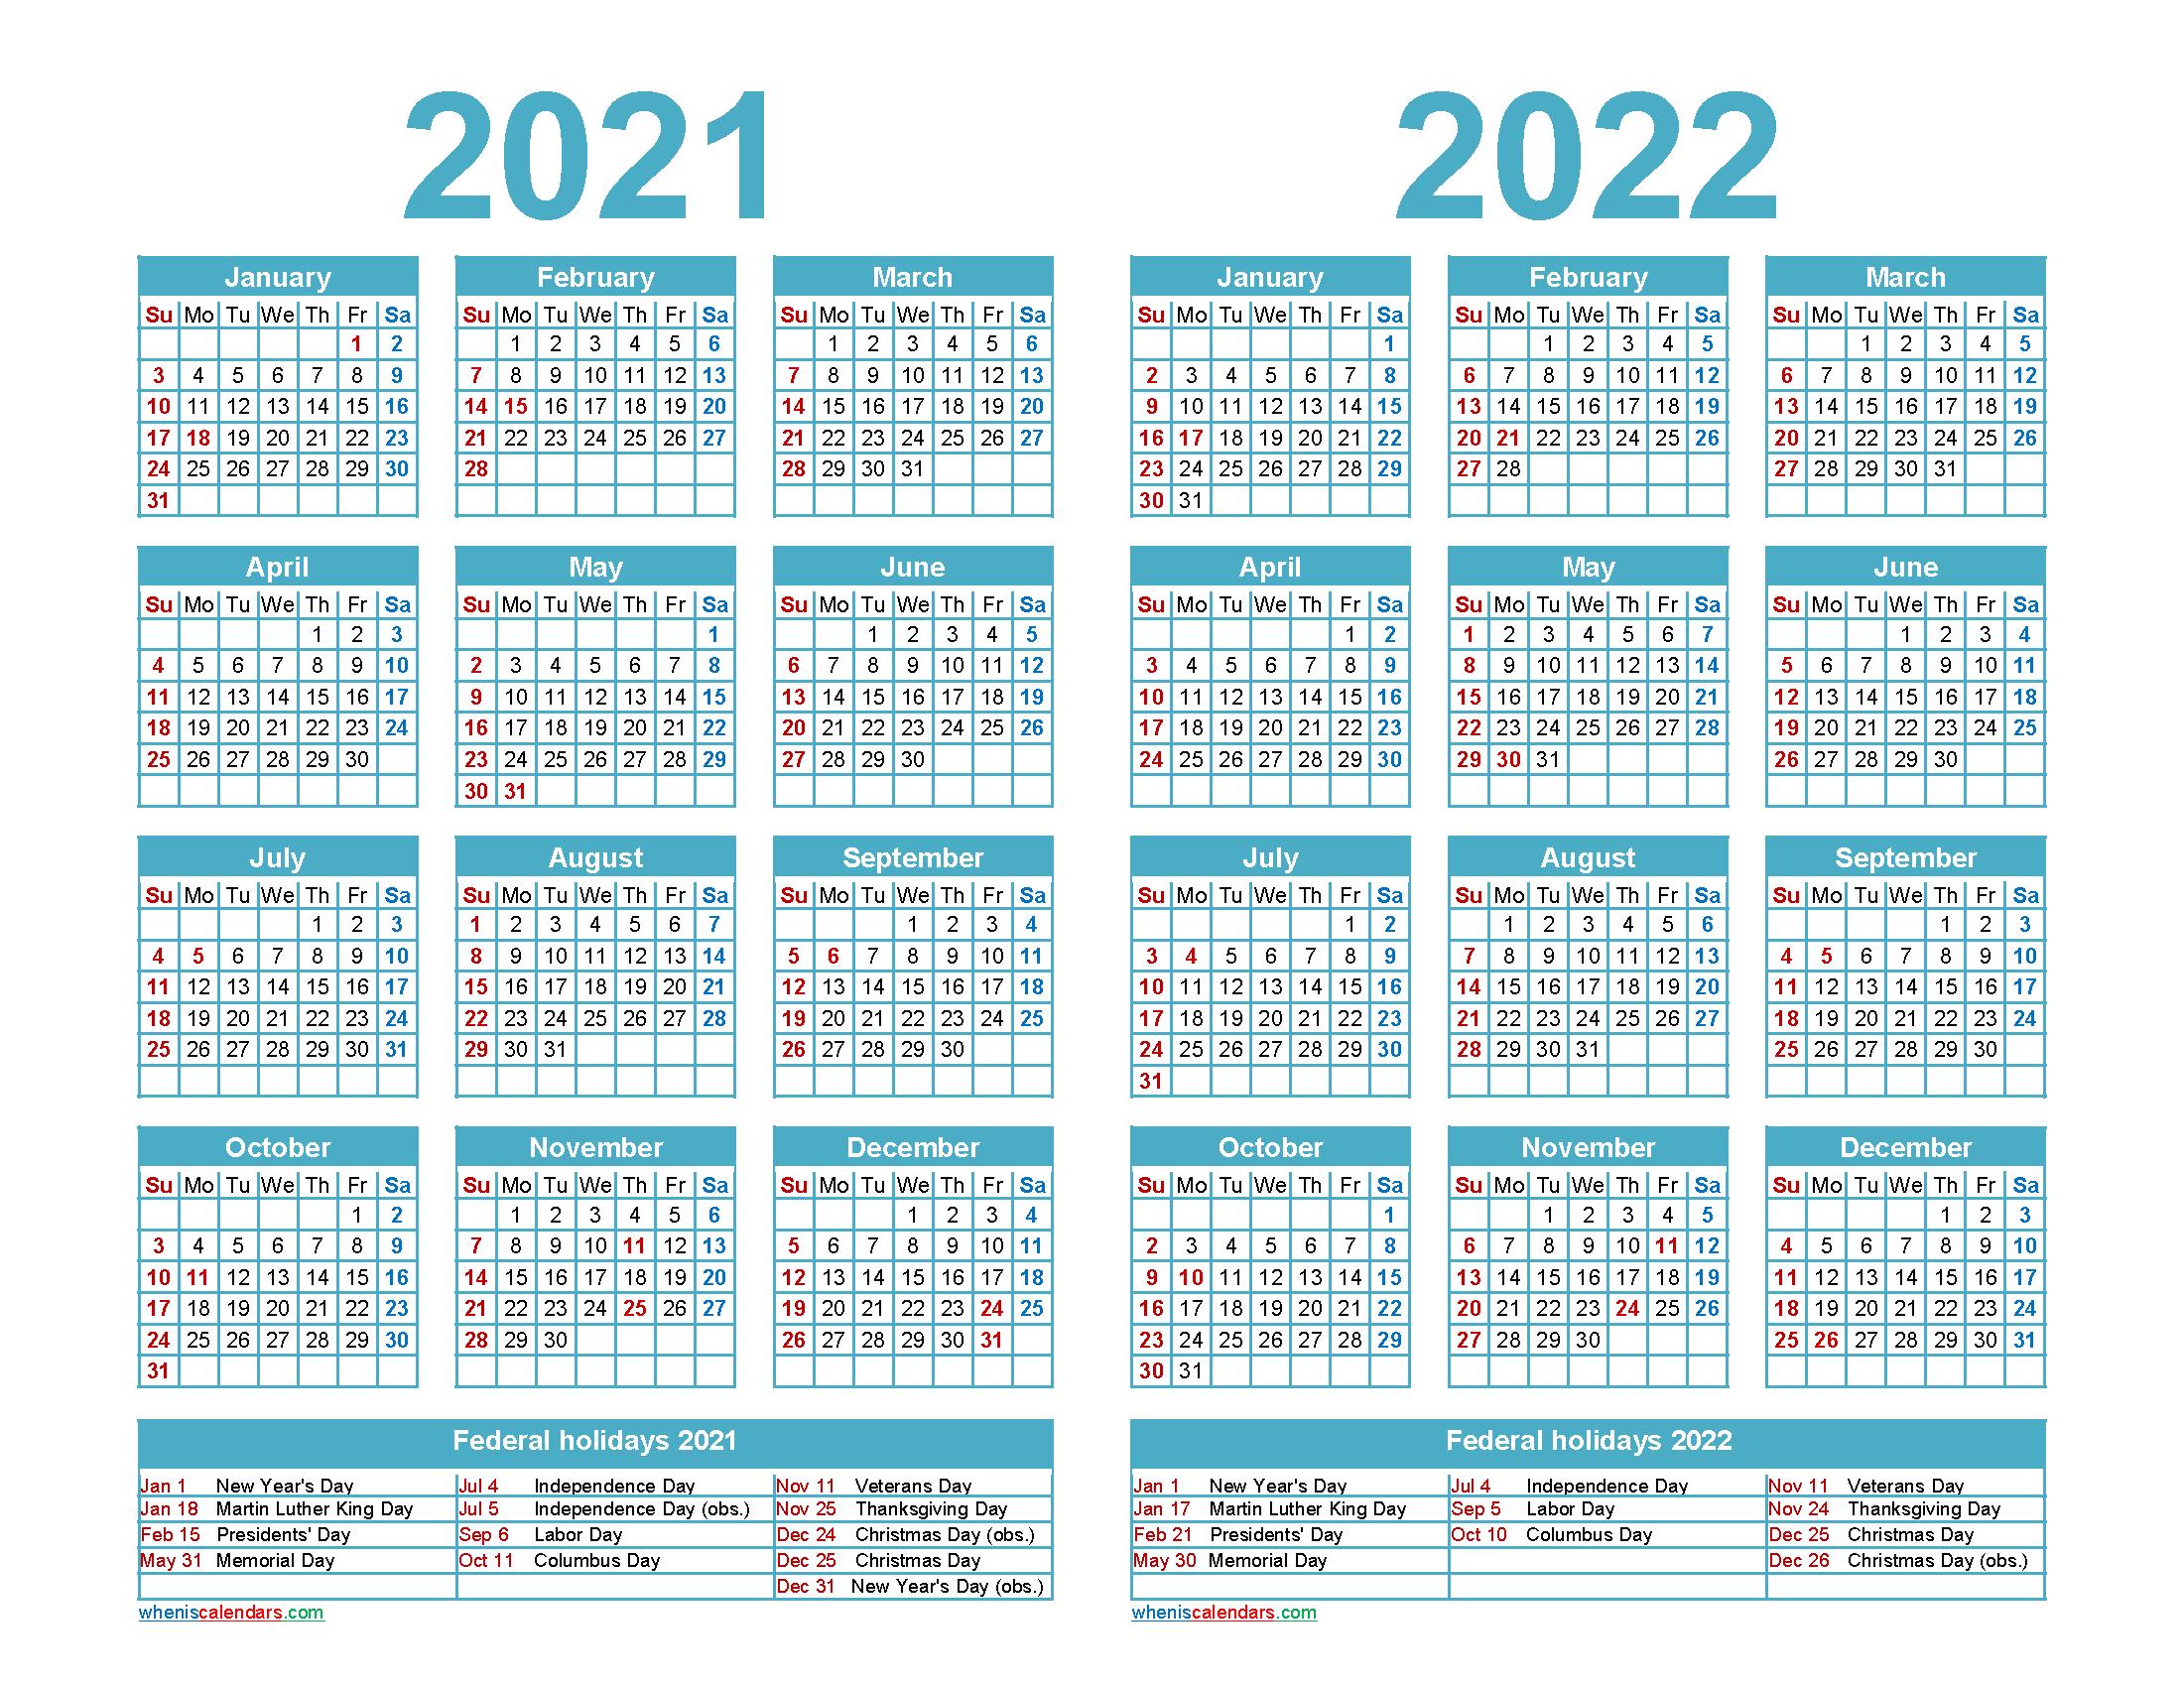 Free 2021 and 2022 Calendar Printable Word, PDF – Free Printable